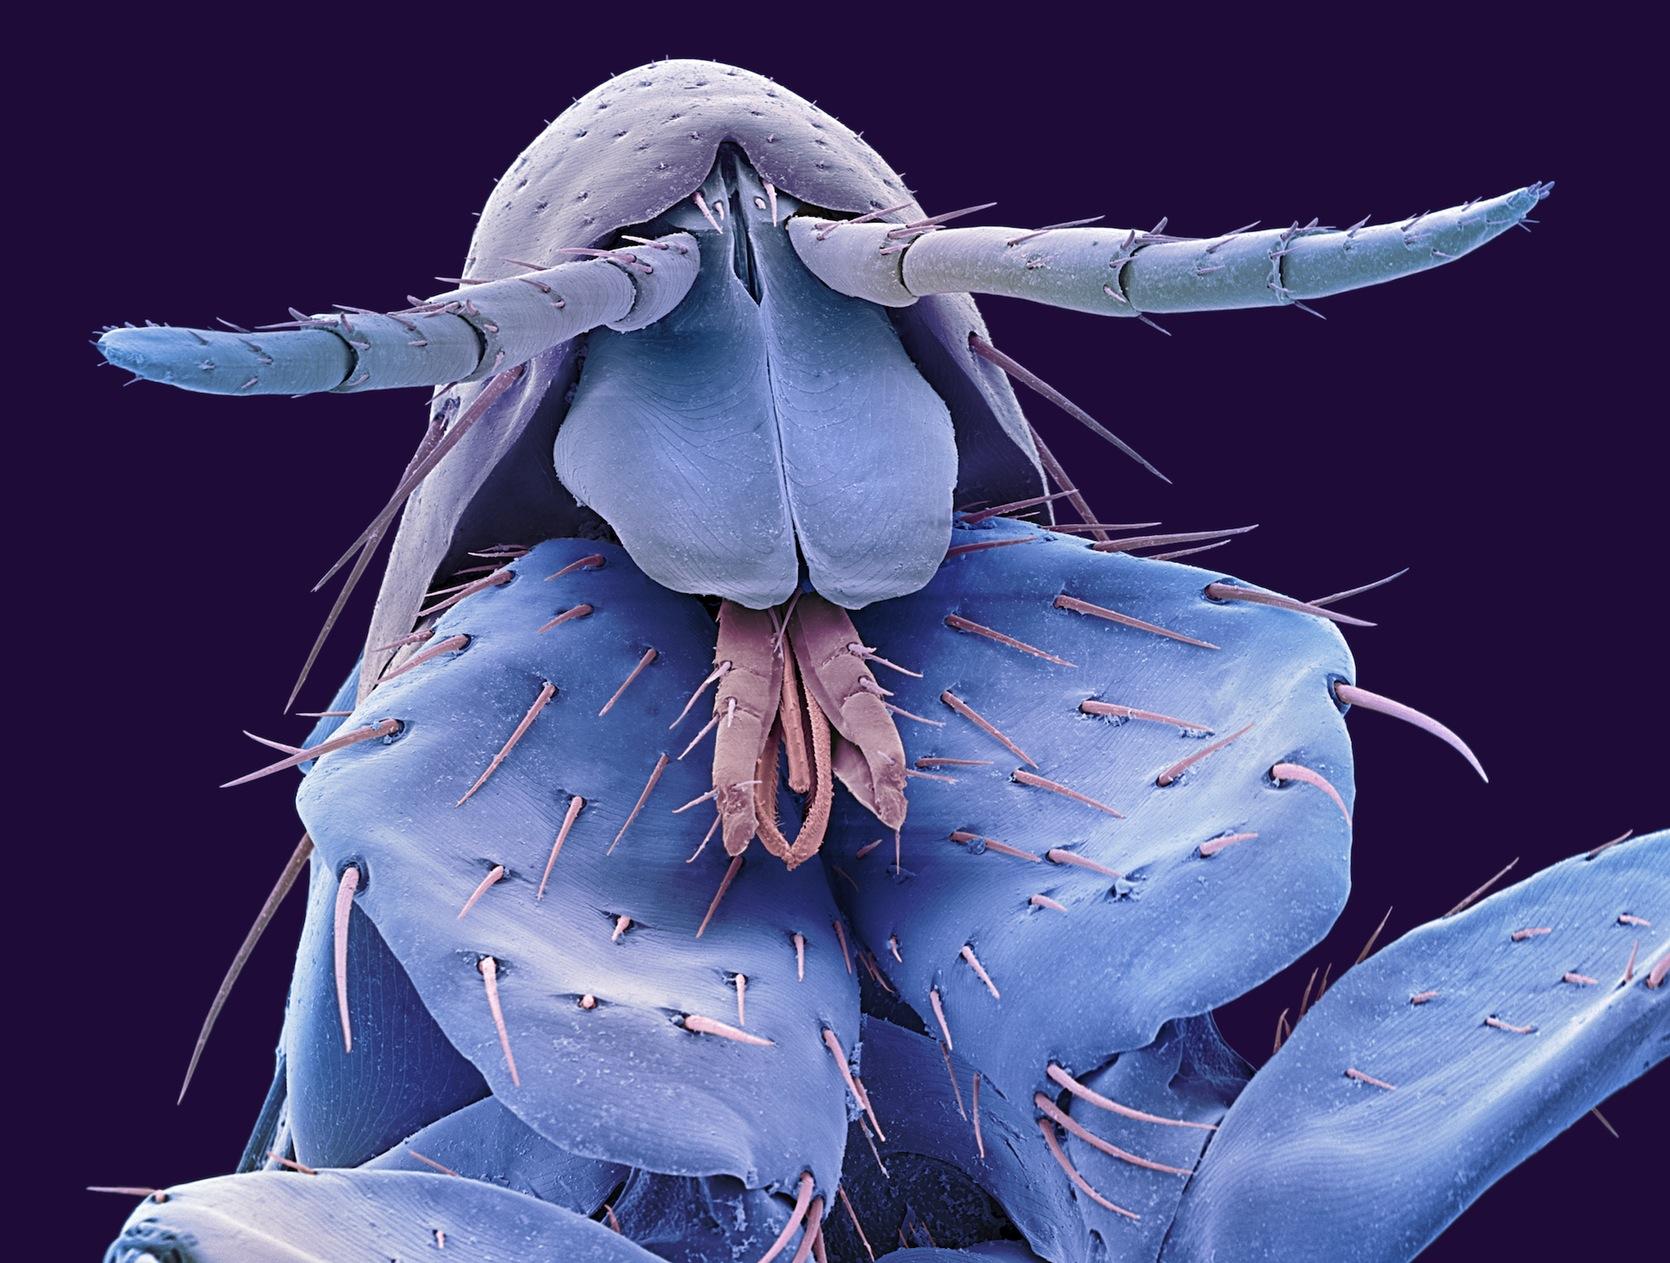 pulci-al-microscopio-elettronico